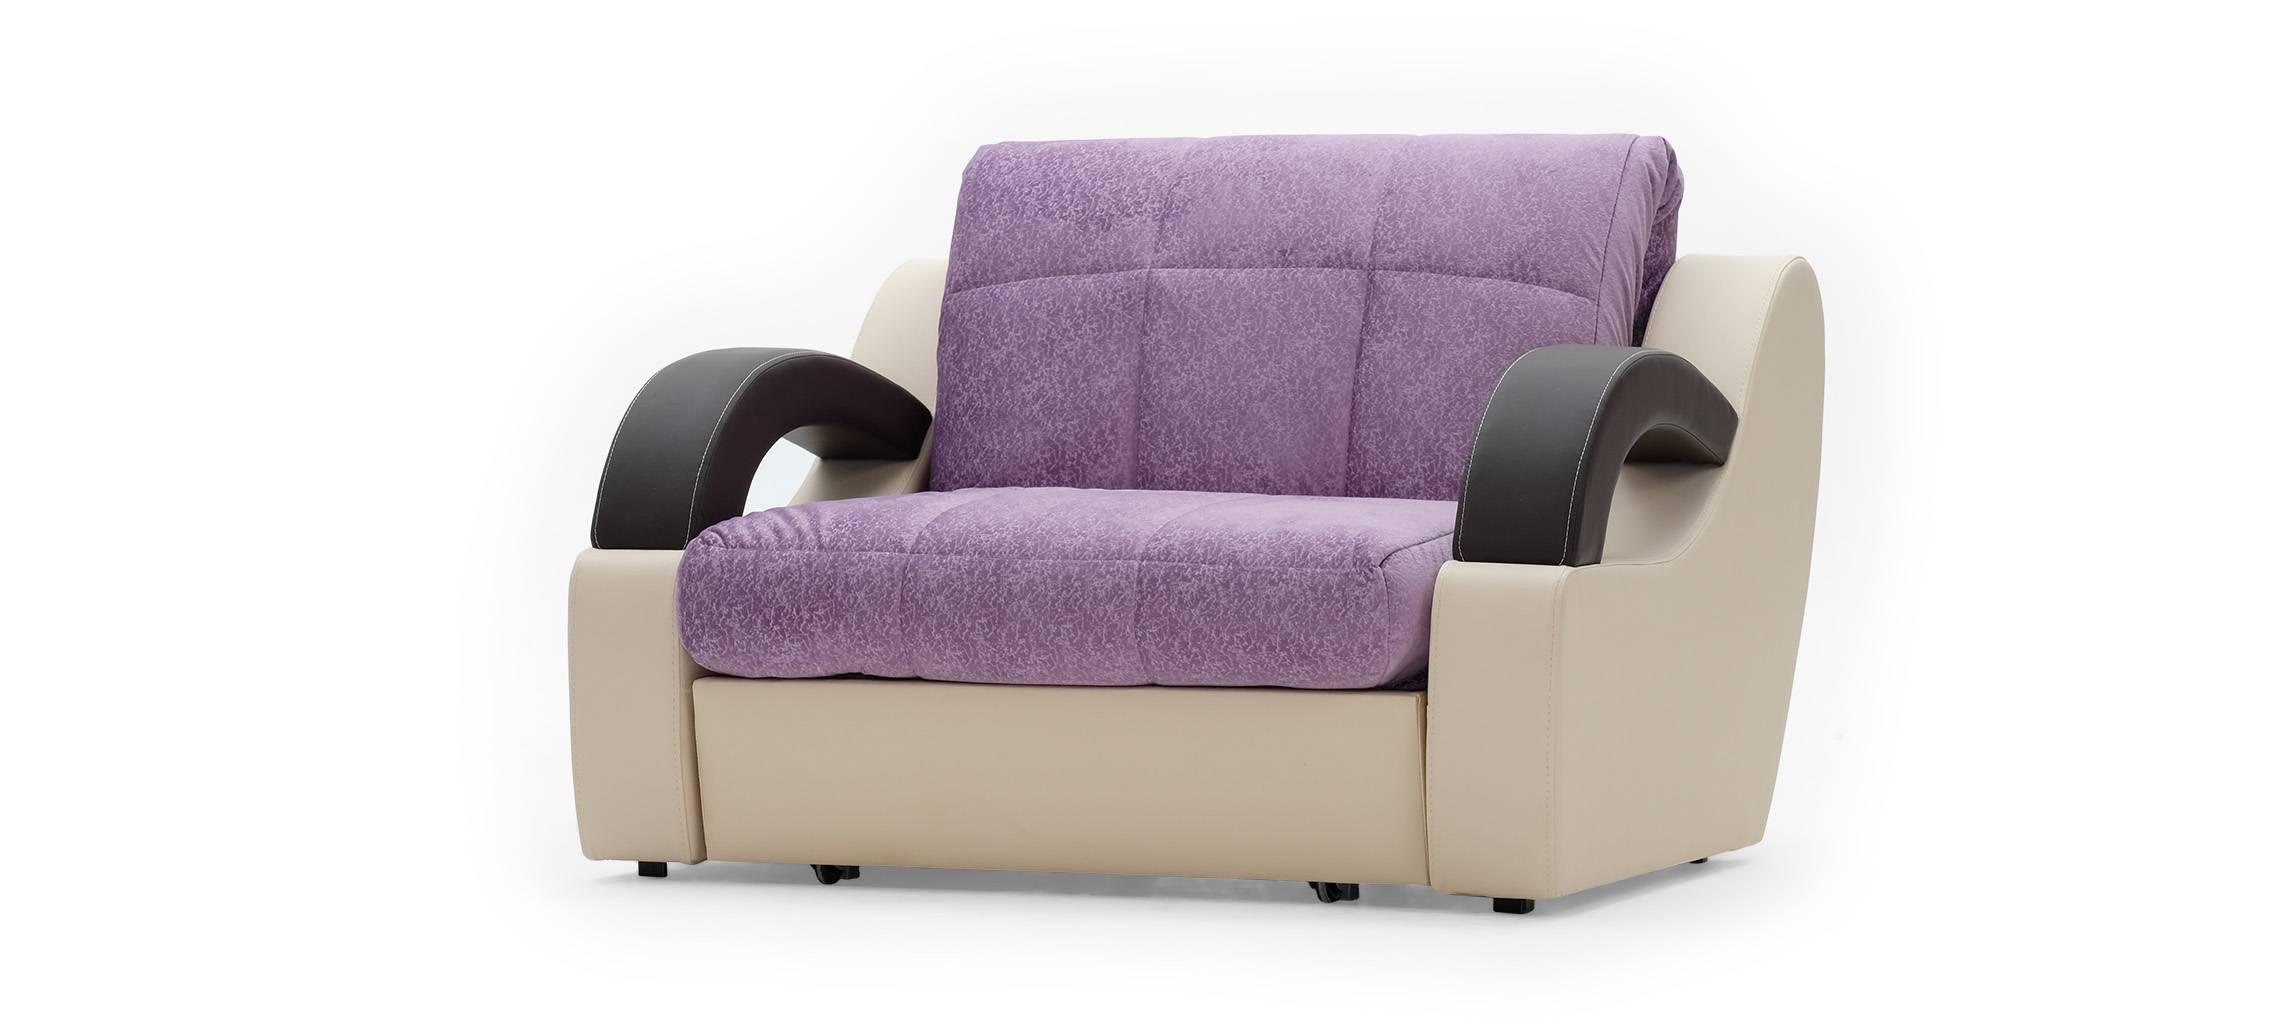 МАДРИД Кресло-кровать Olivia фиолетовый кожзам бежевый